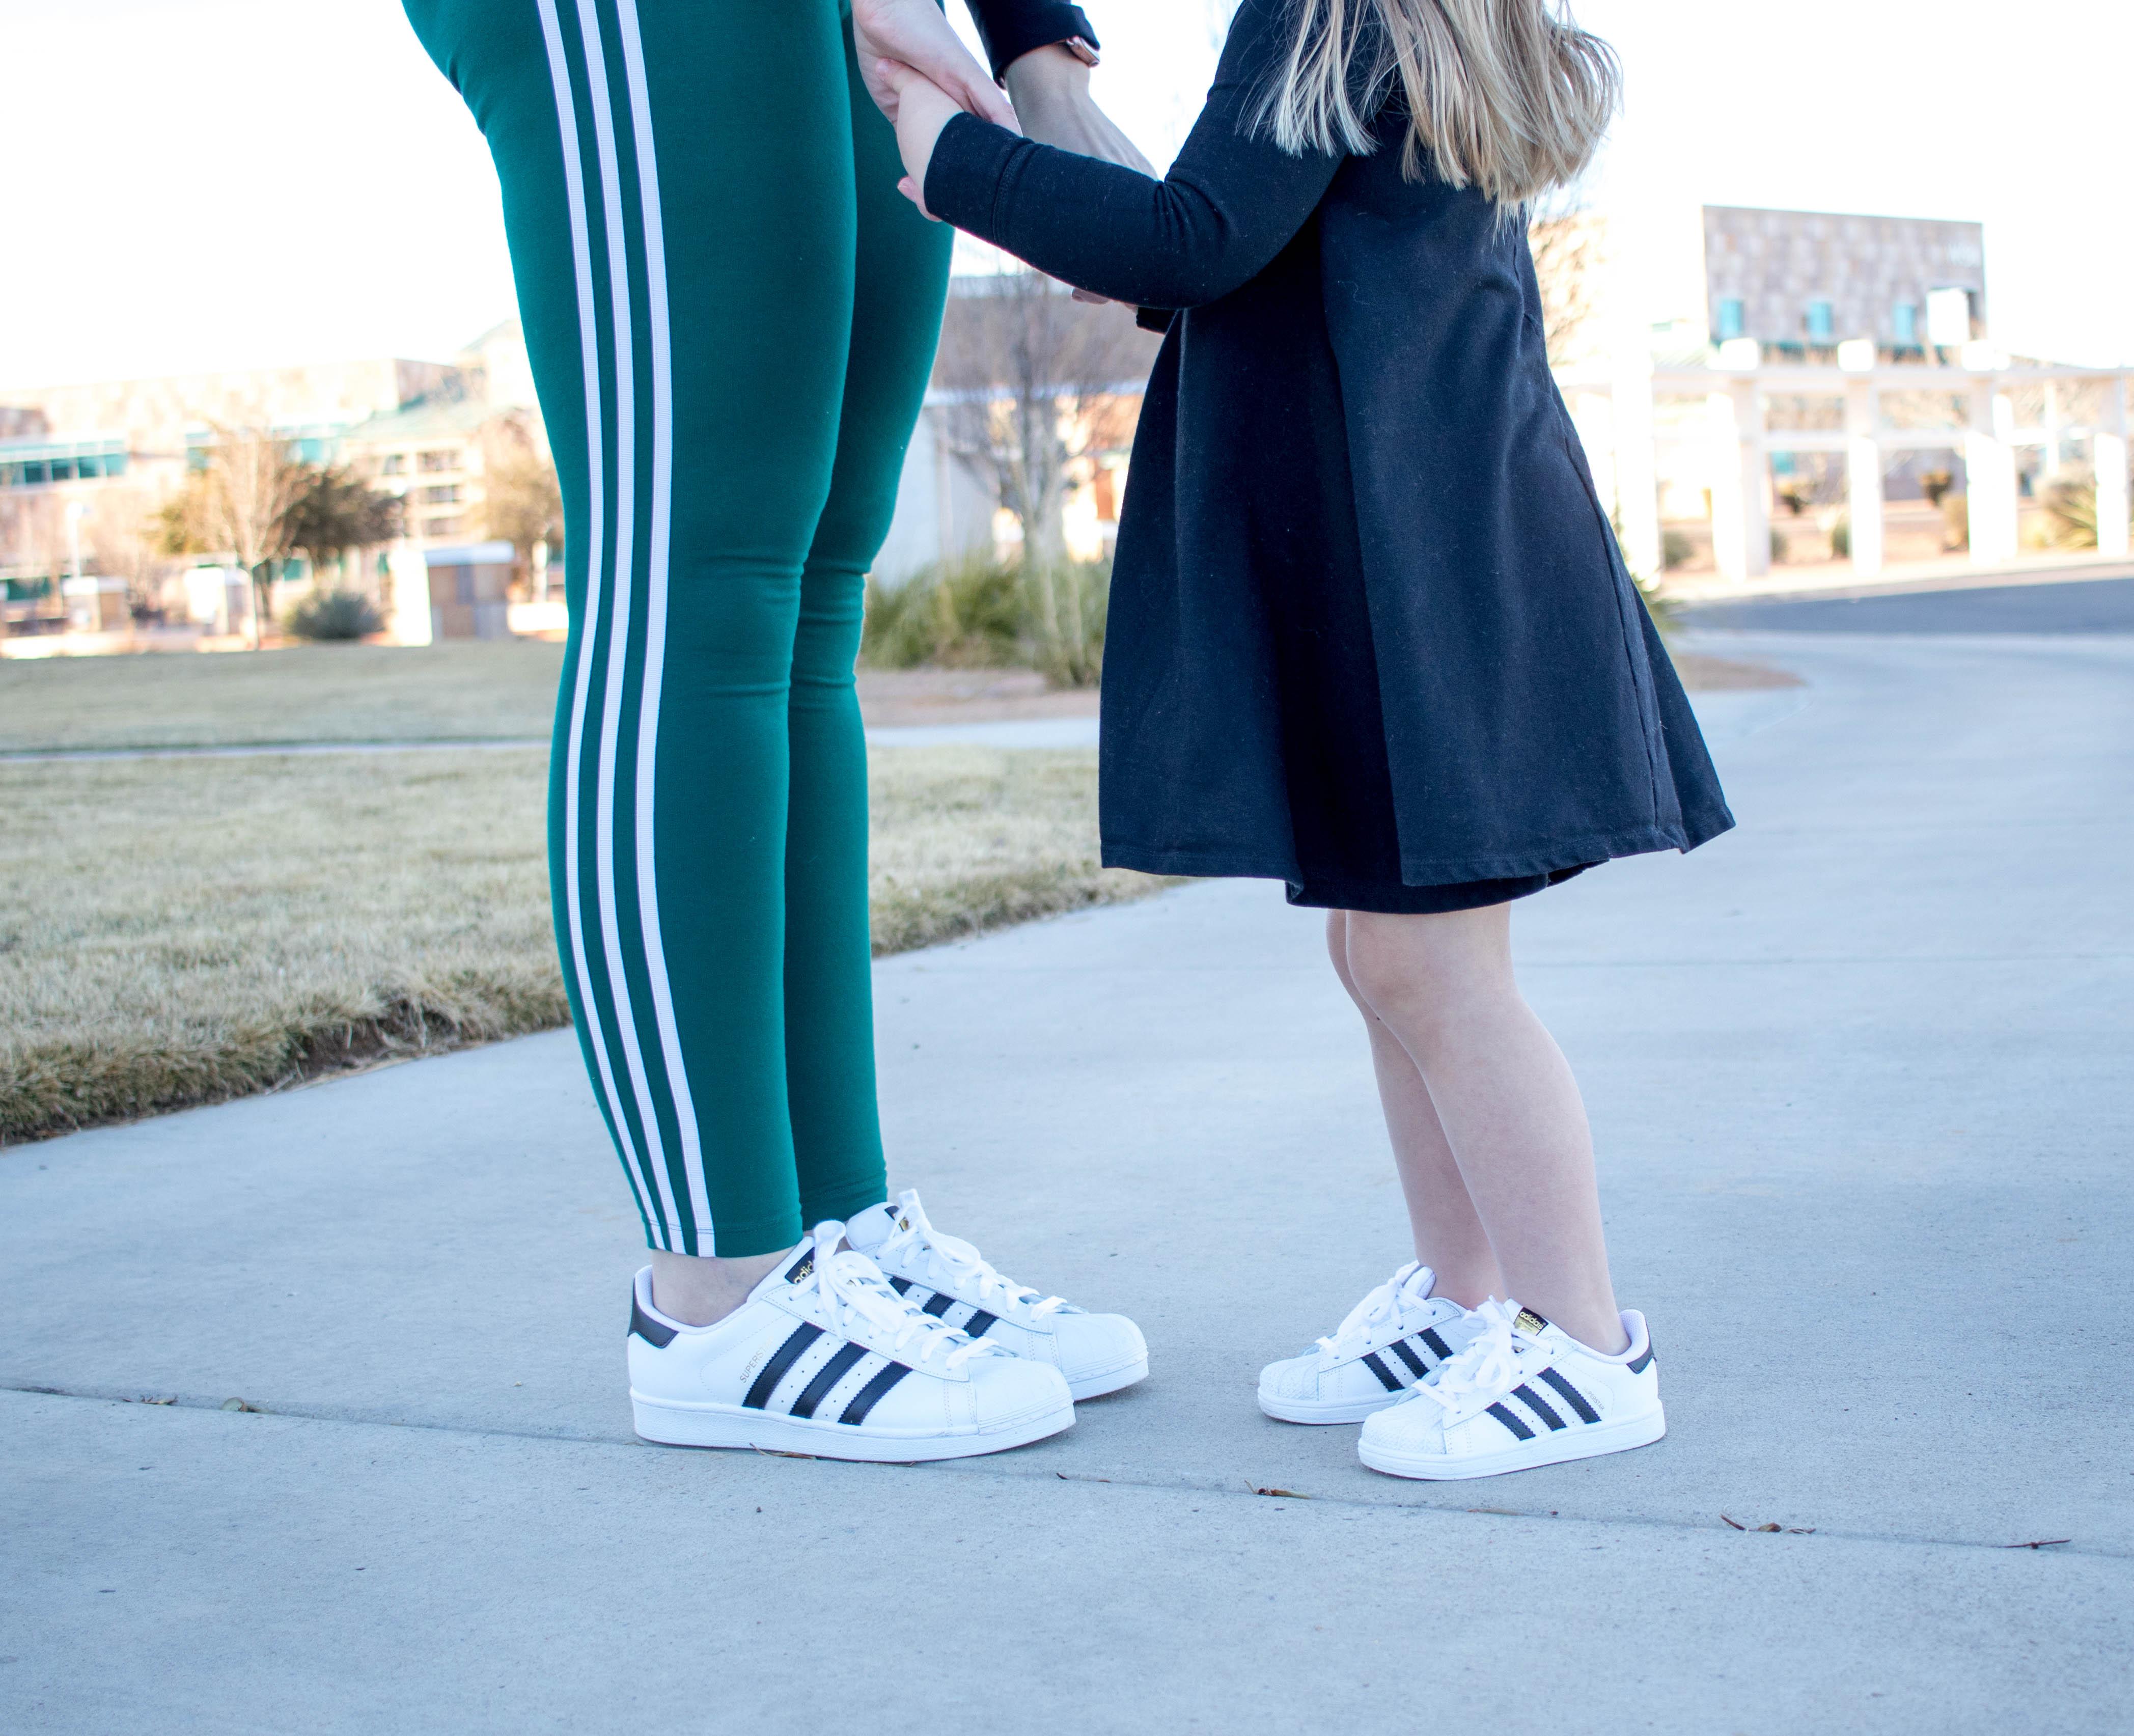 Adidas superstar originals twinning #twinning #Adidas #mommyandmestyle